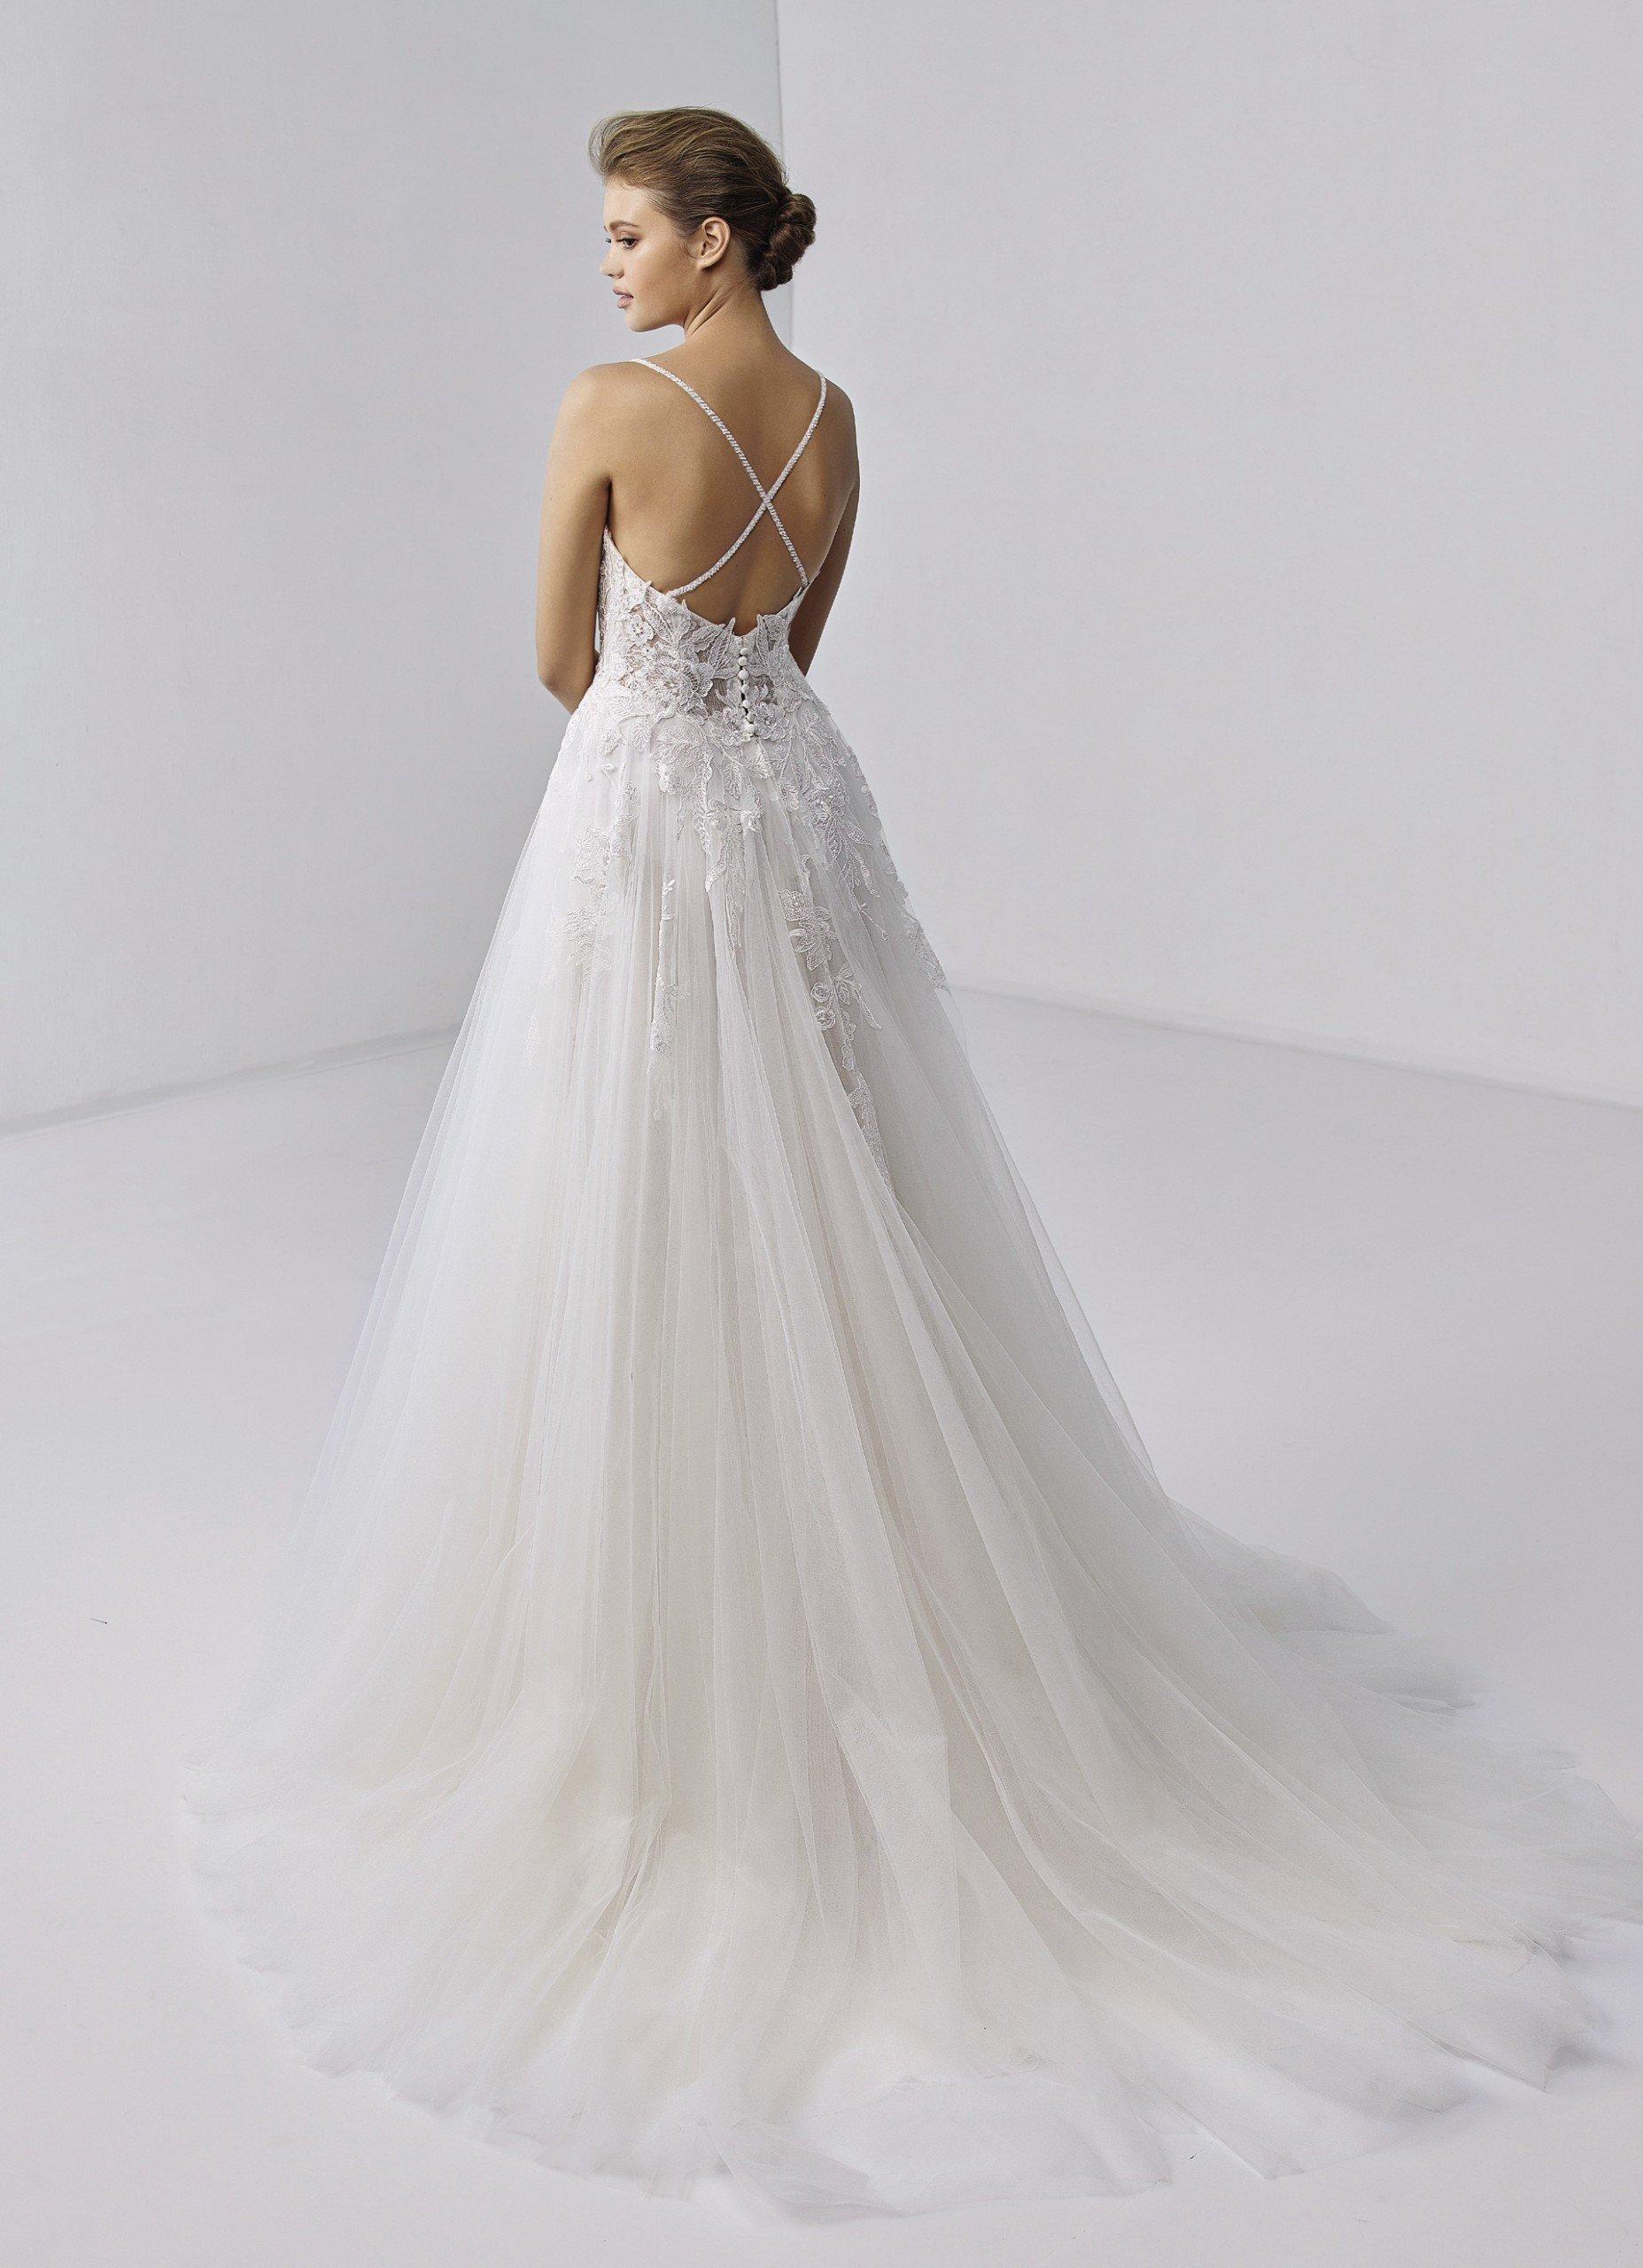 Weißes Prinzess-Brautkleid mit transparentem Spitzentop, Spaghettiträgern und Schleppe von Etoile, Modell Joie